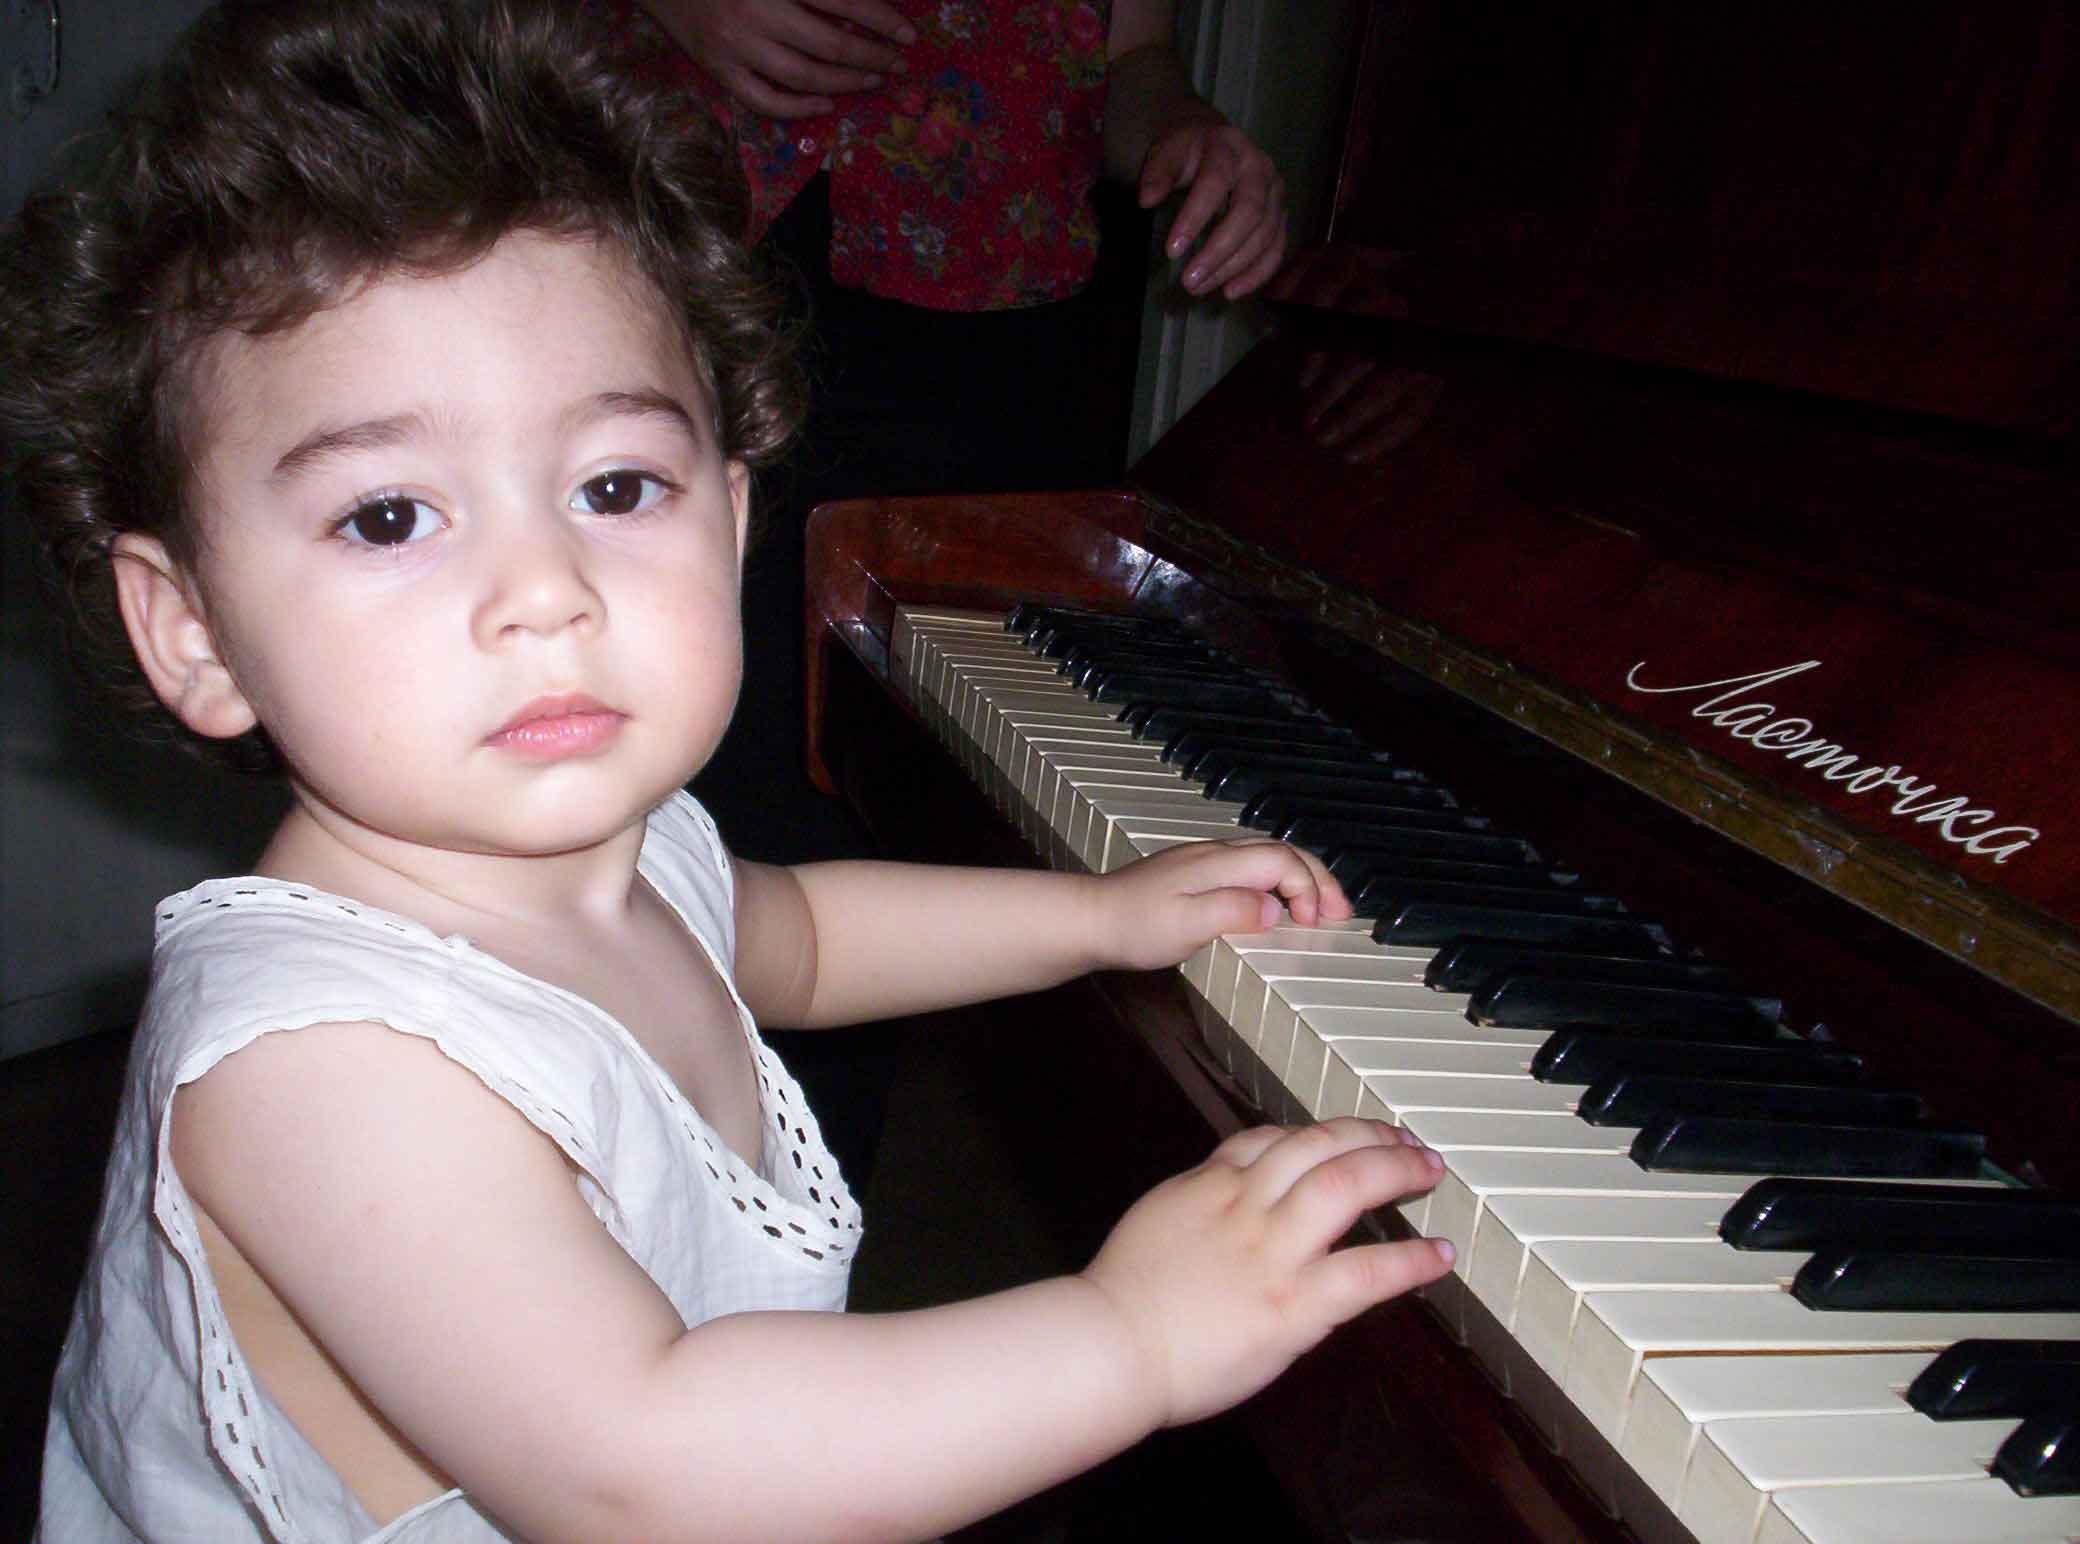 Музыка - это серьезно. Дети и музыка